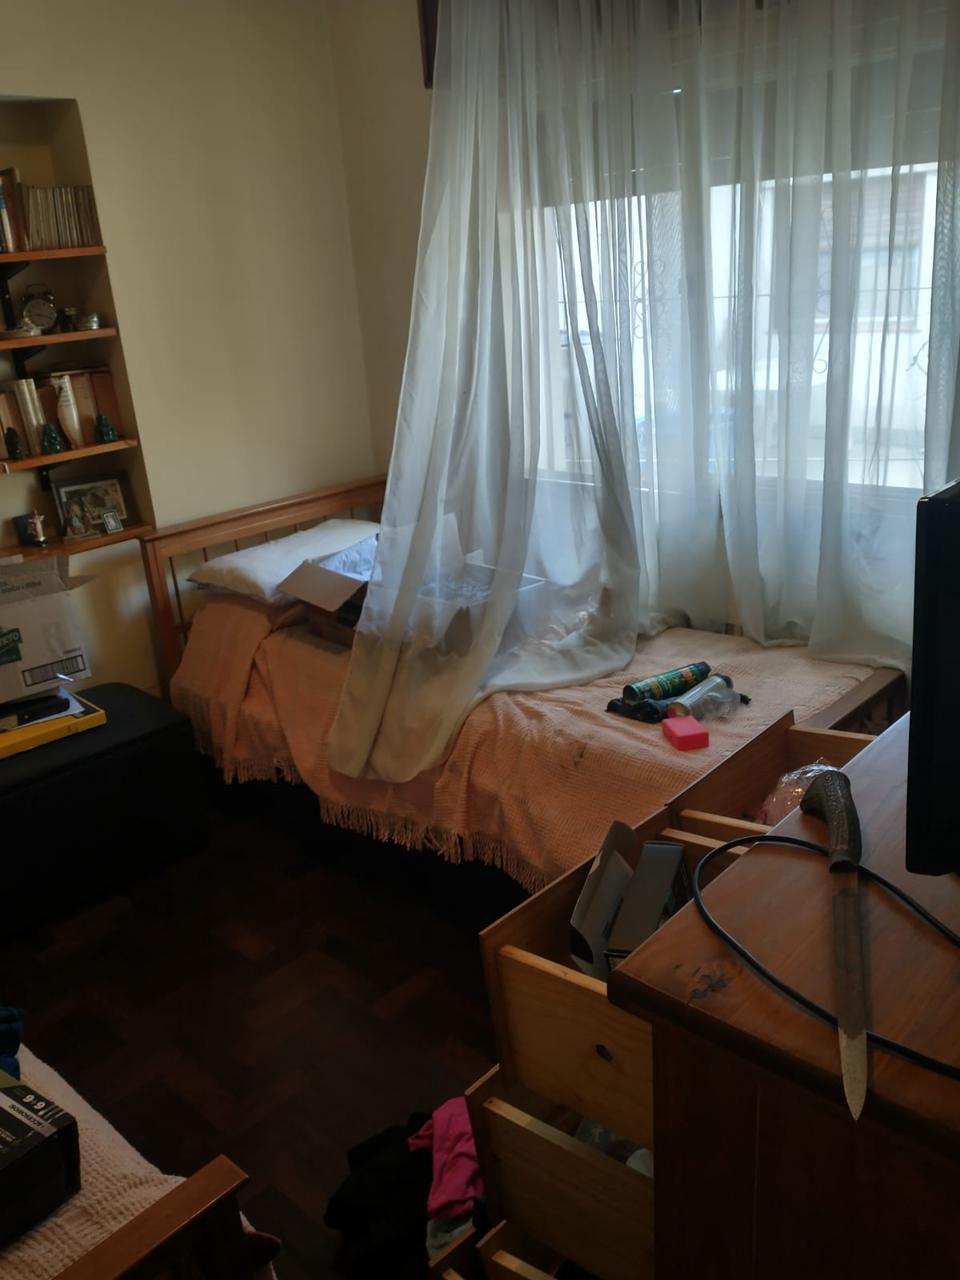 La Plata: fueron a renovar el DNI y les desvalijaron la casa